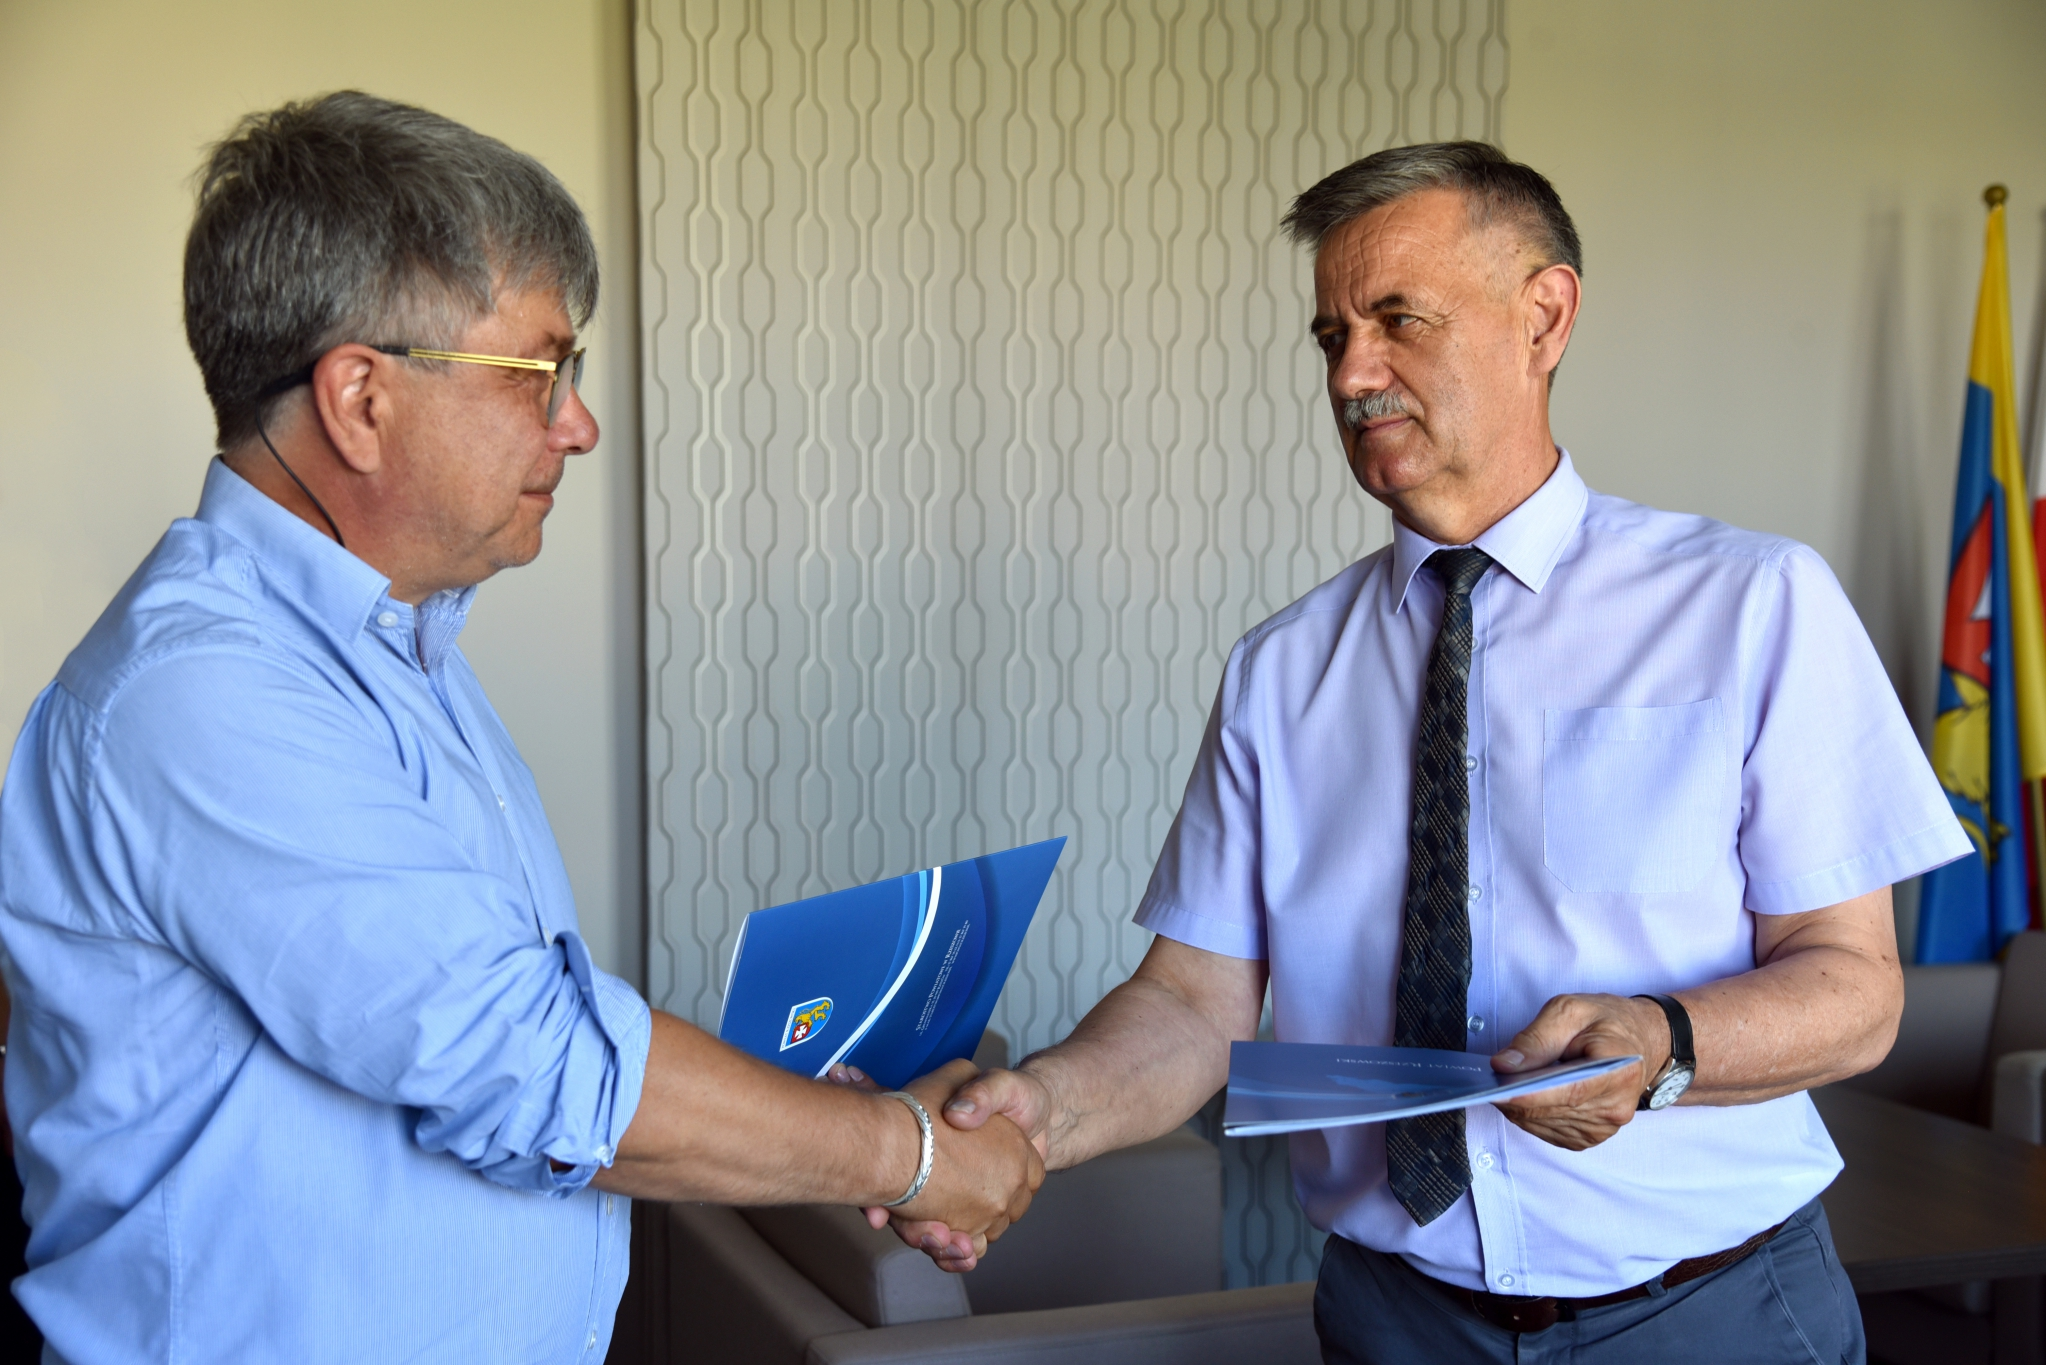 Powiat Rzeszowski podpisał umowę na wykonanie dokumentacji geologiczno- inżynierskiej